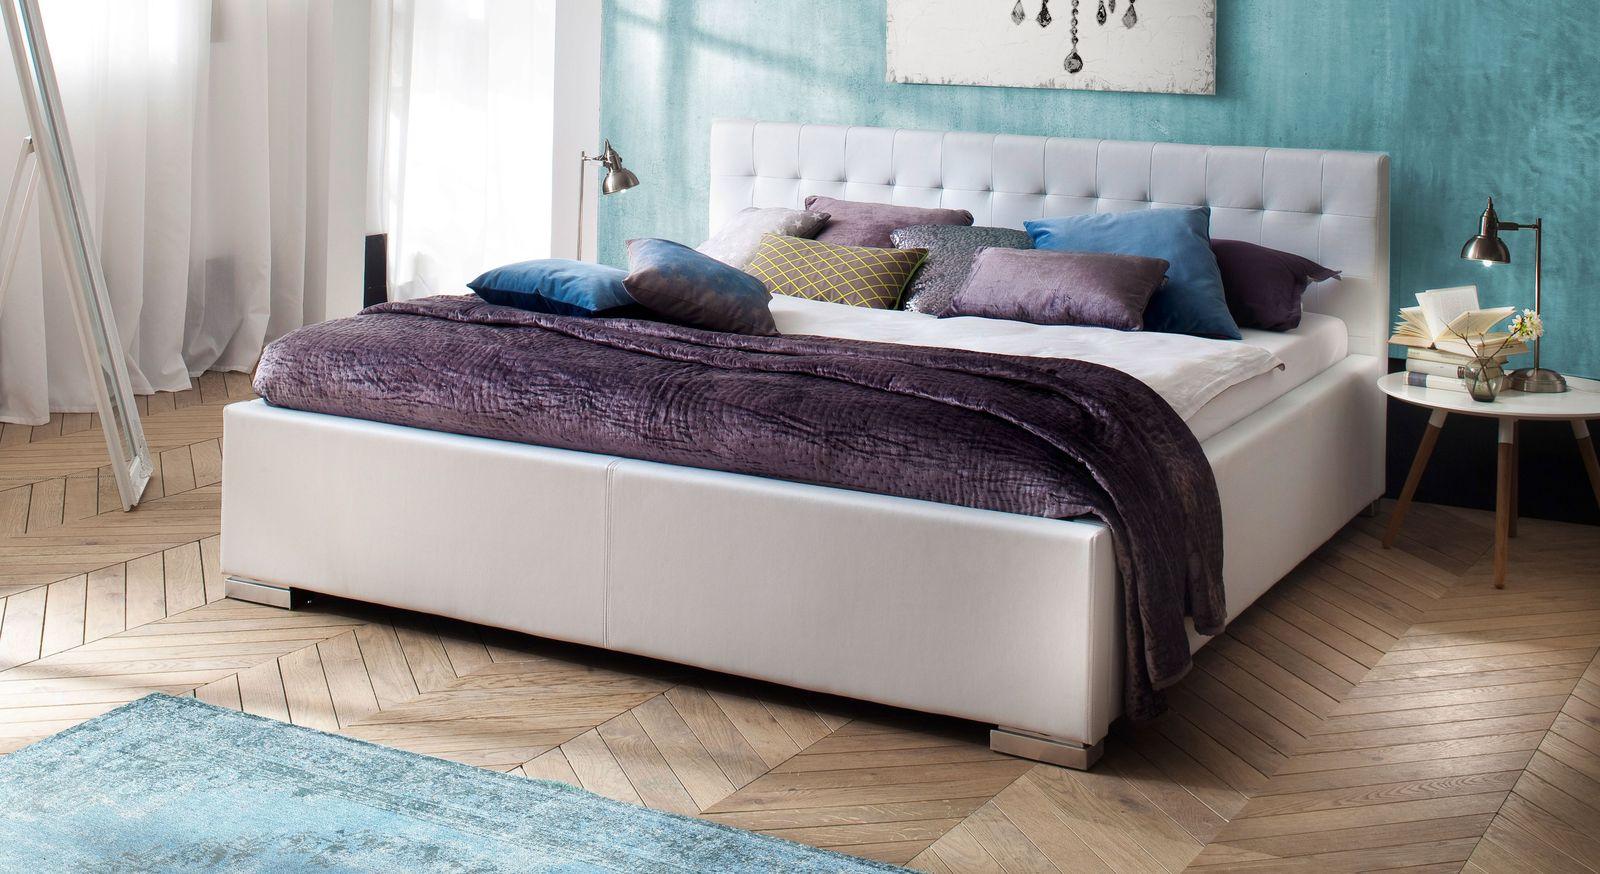 Bett Molare aus weißem Kunstleder